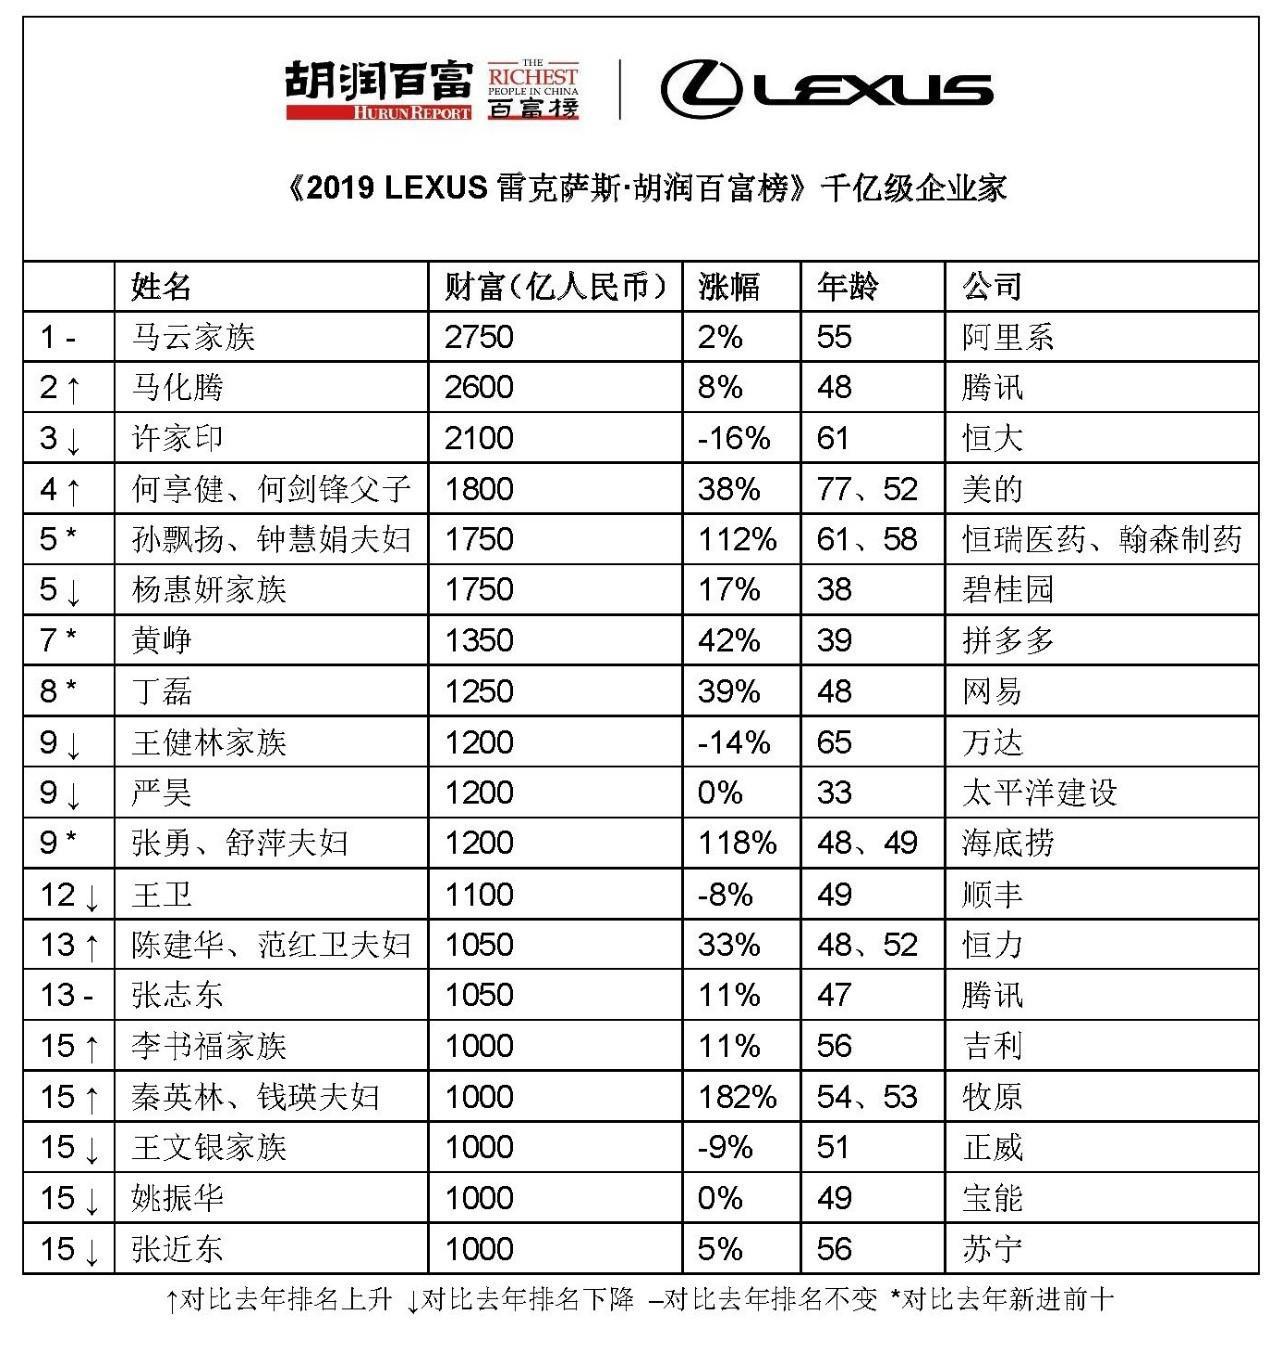 2019胡润百富榜揭晓:马云、马化腾、许家印位居前三